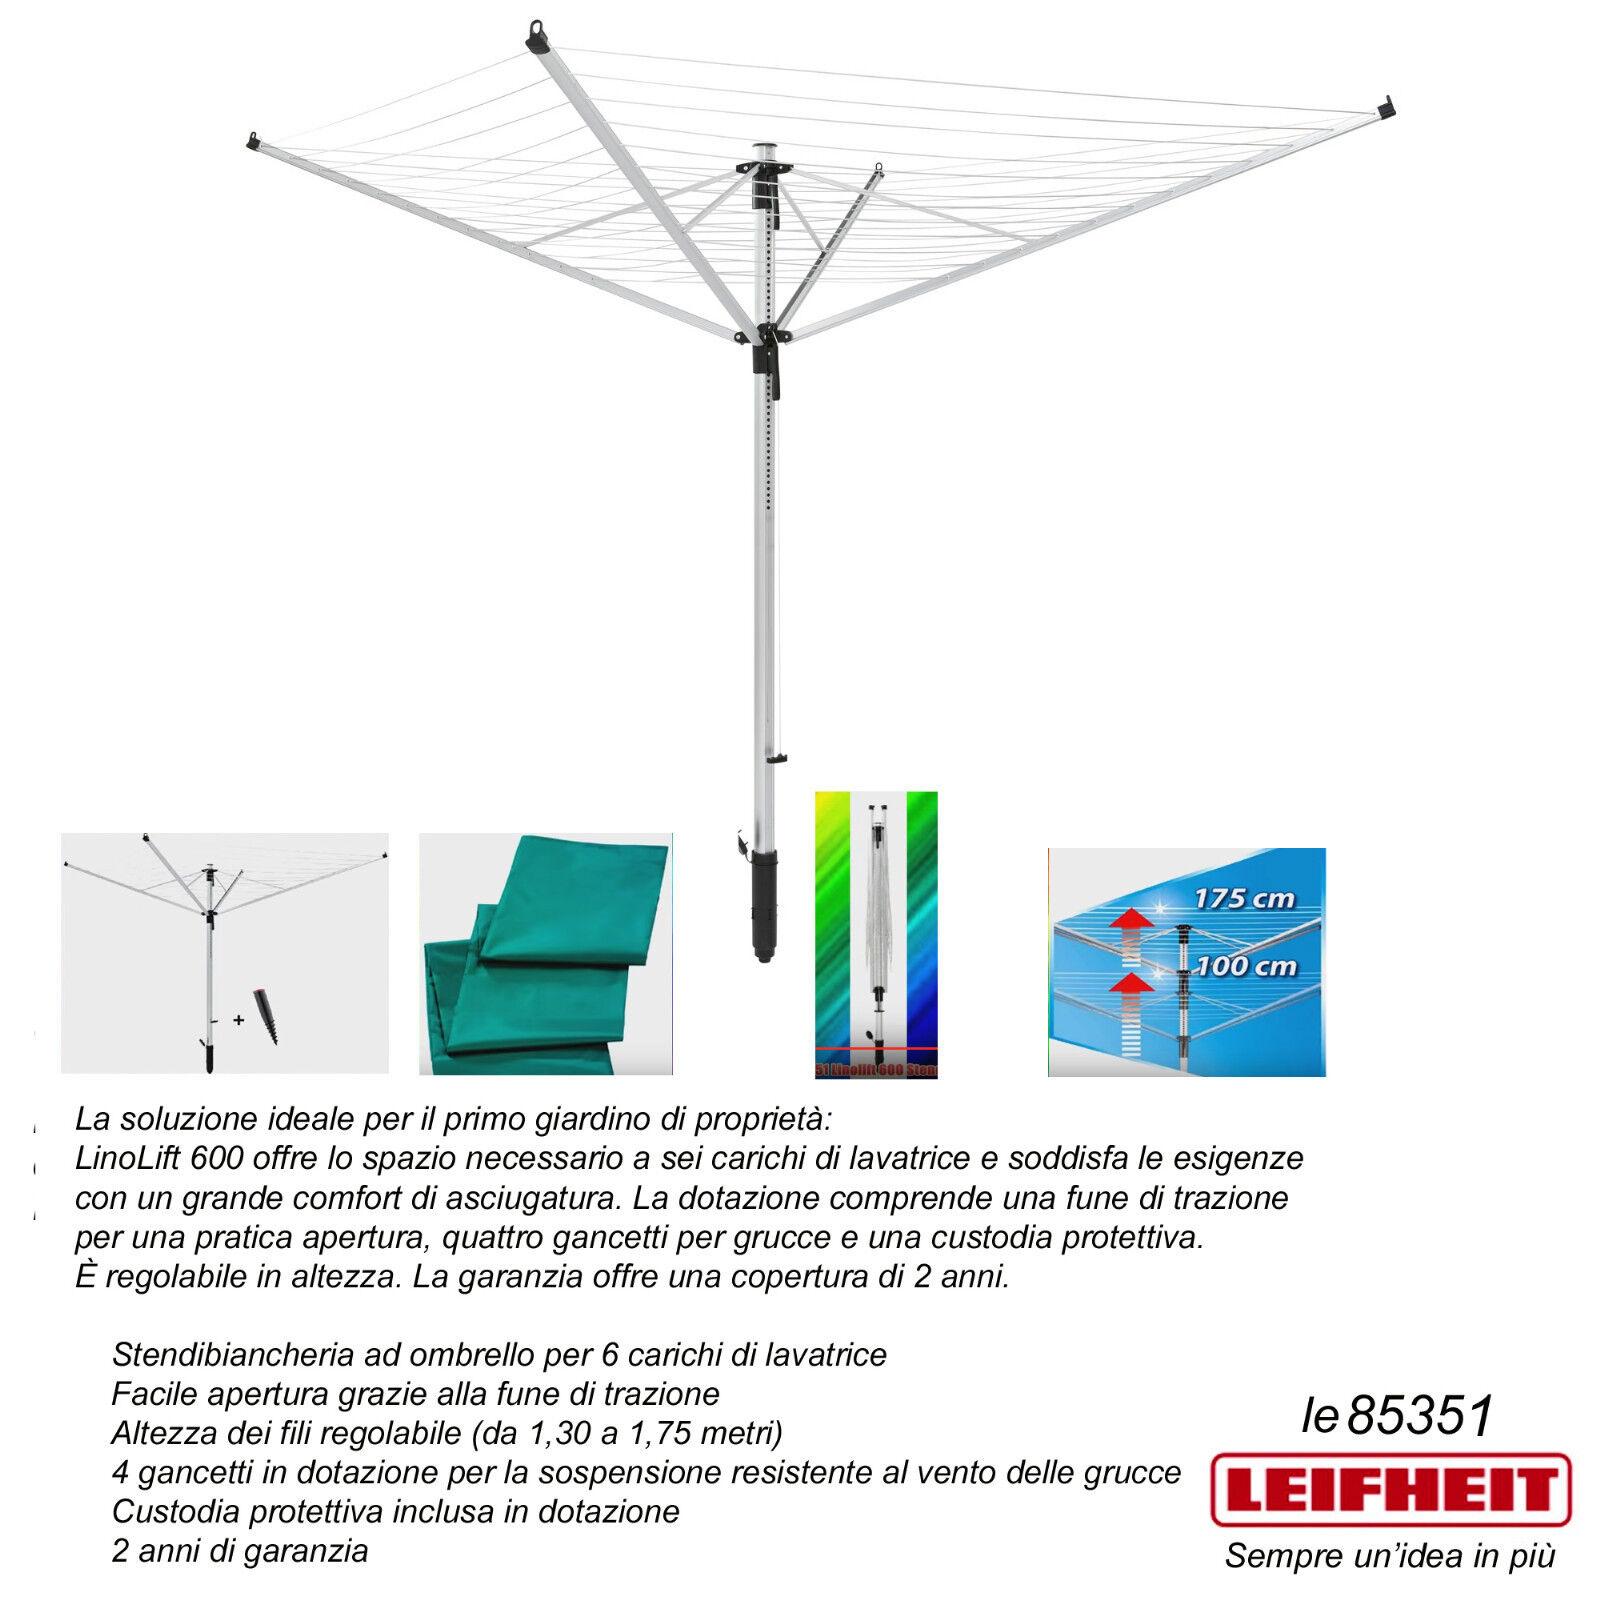 Blanco Aluminio 192x13x13 cm Leifheit Linolift 600 Tendedero